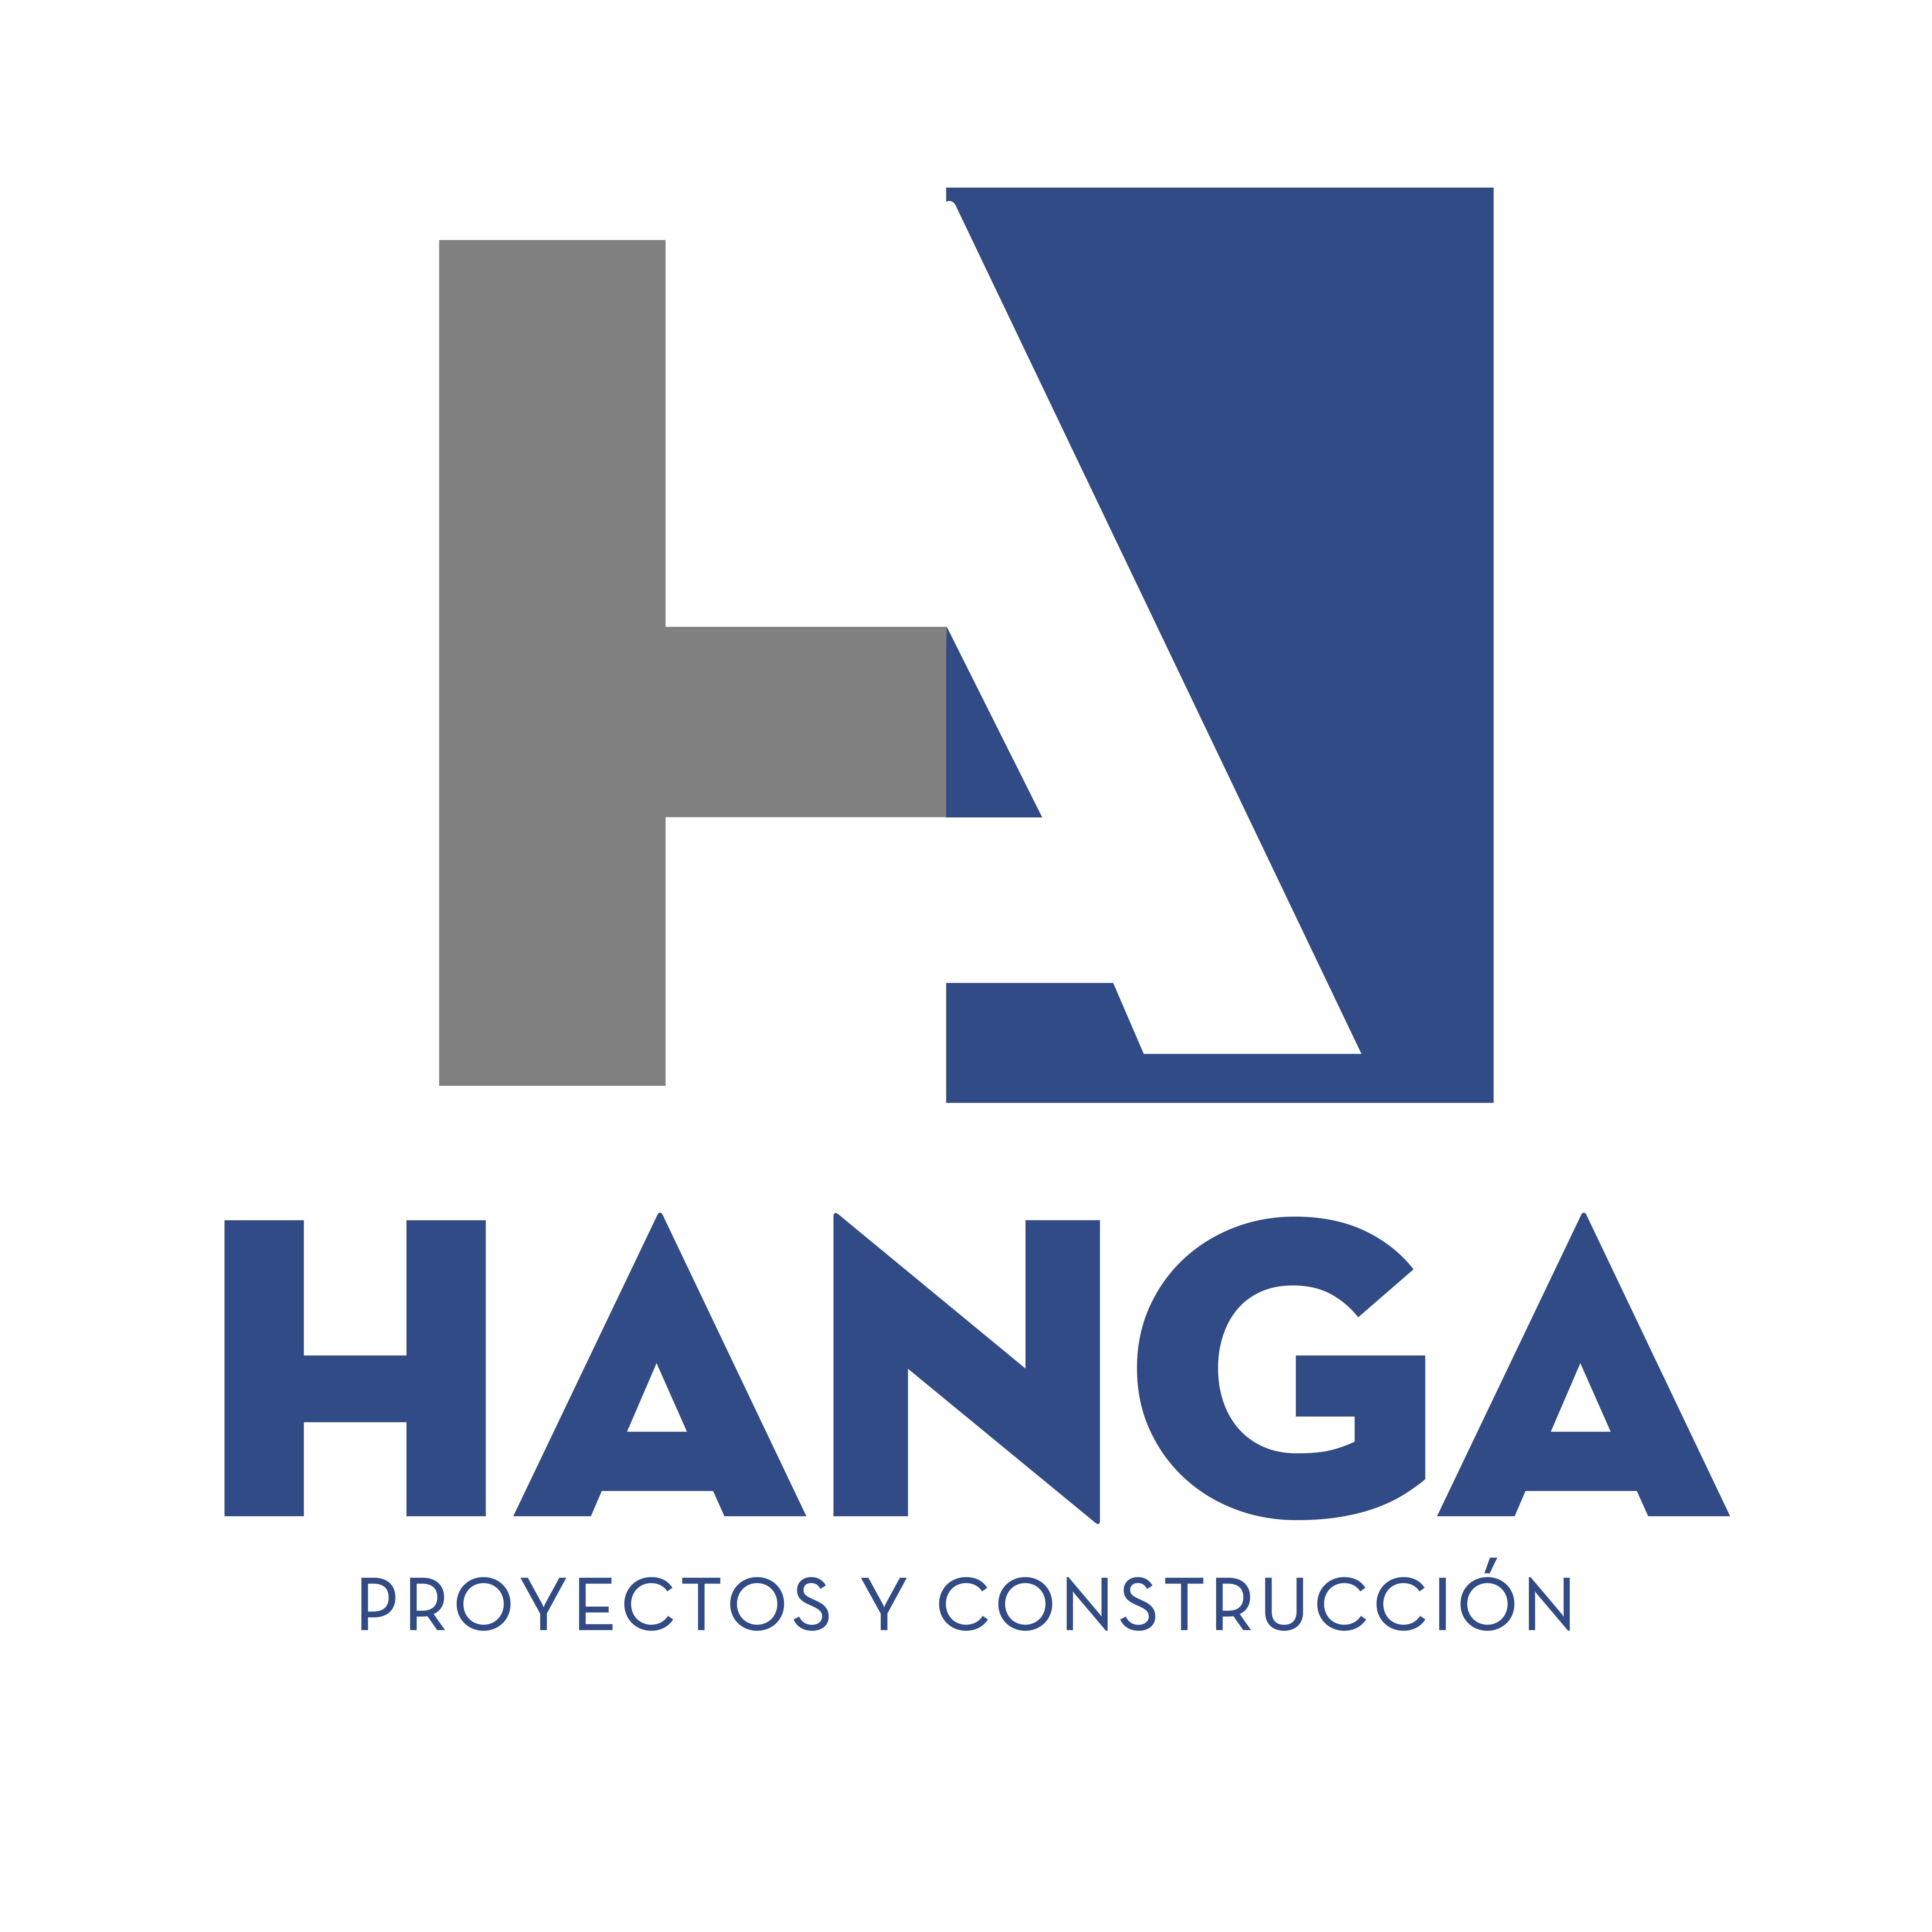 HANGA Proyectos y Construcción